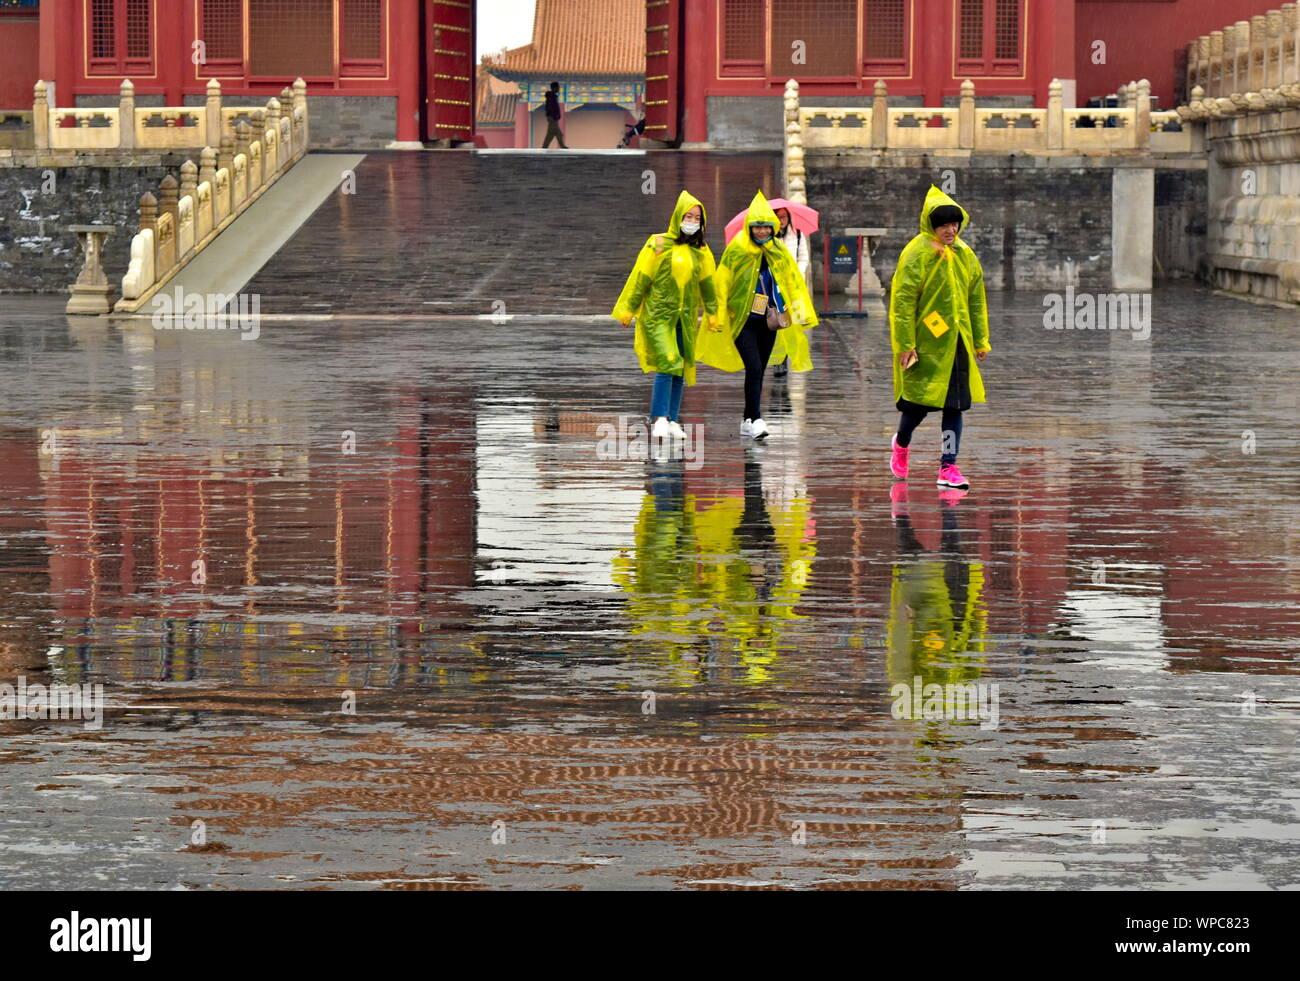 Punto di riferimento dell'architettura Cinese del Palazzo della Città Proibita di acqua porta riflessa sulla pioggia pozzanghere, Pechino, Cina Foto Stock